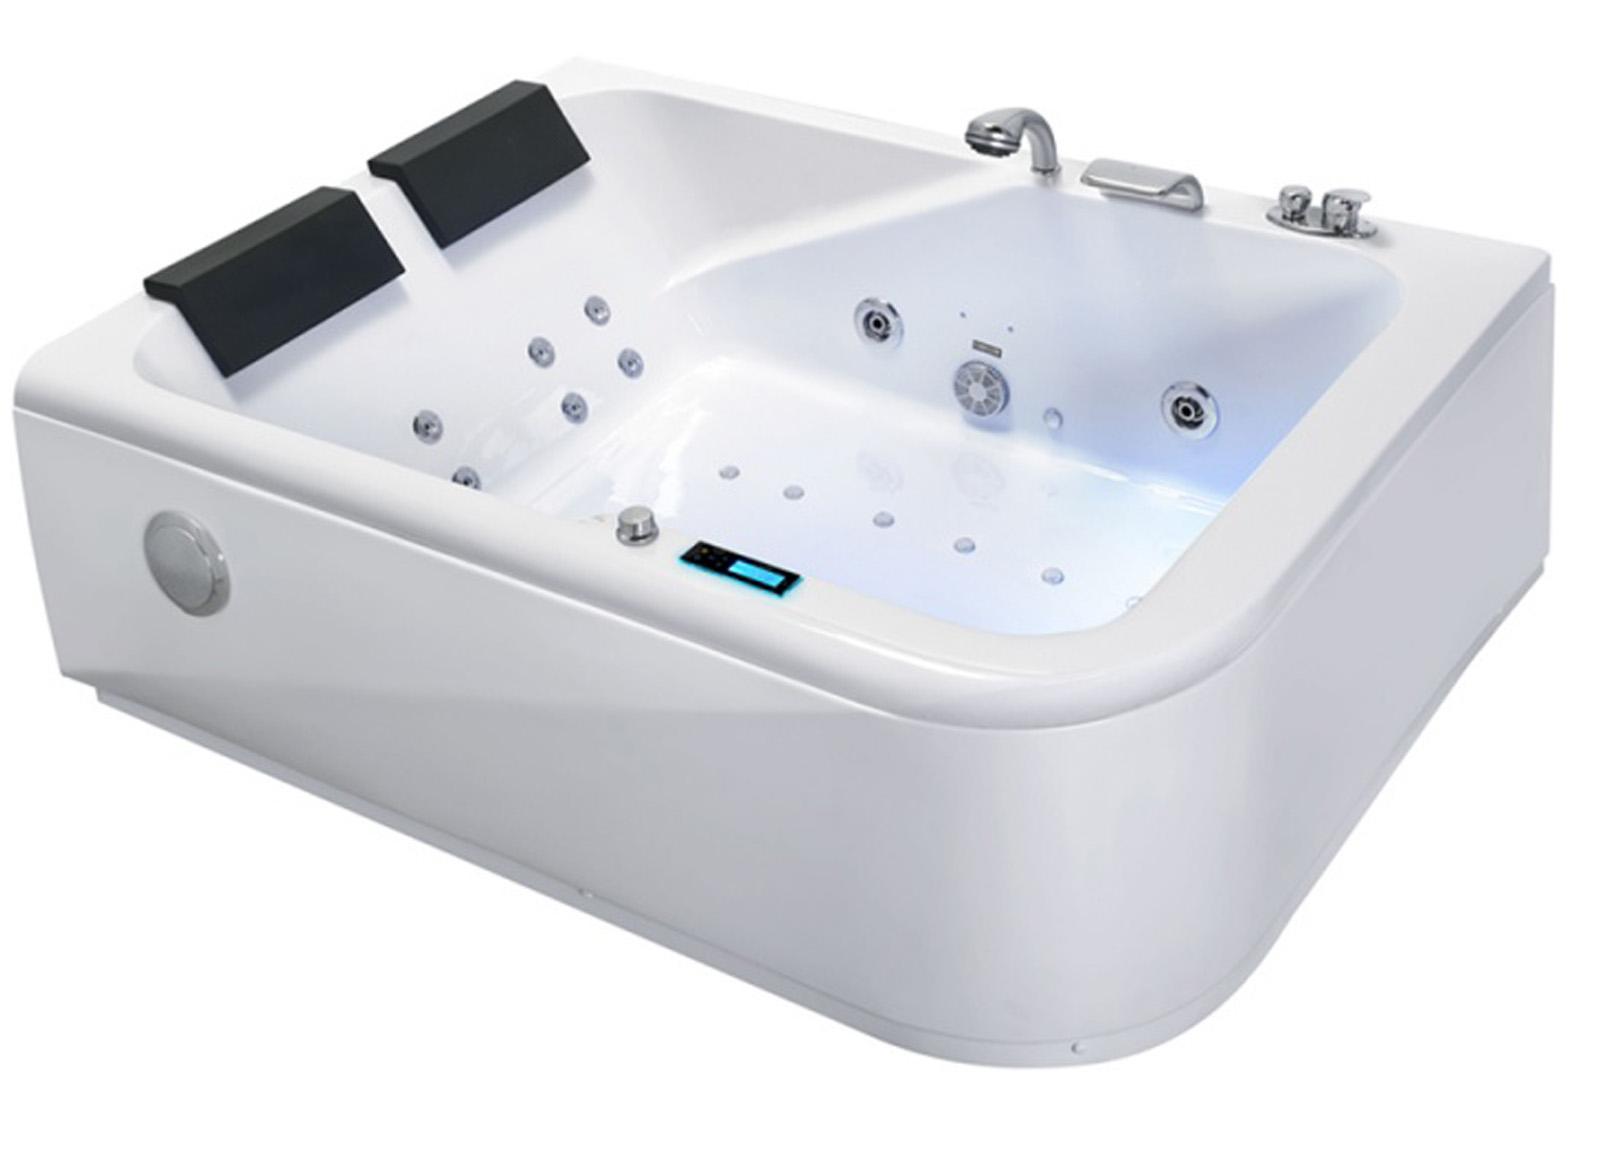 Montaggio Vasca Da Bagno Angolare : Whirlpool vasca da bagno angolare massaggio & ozono & schermo